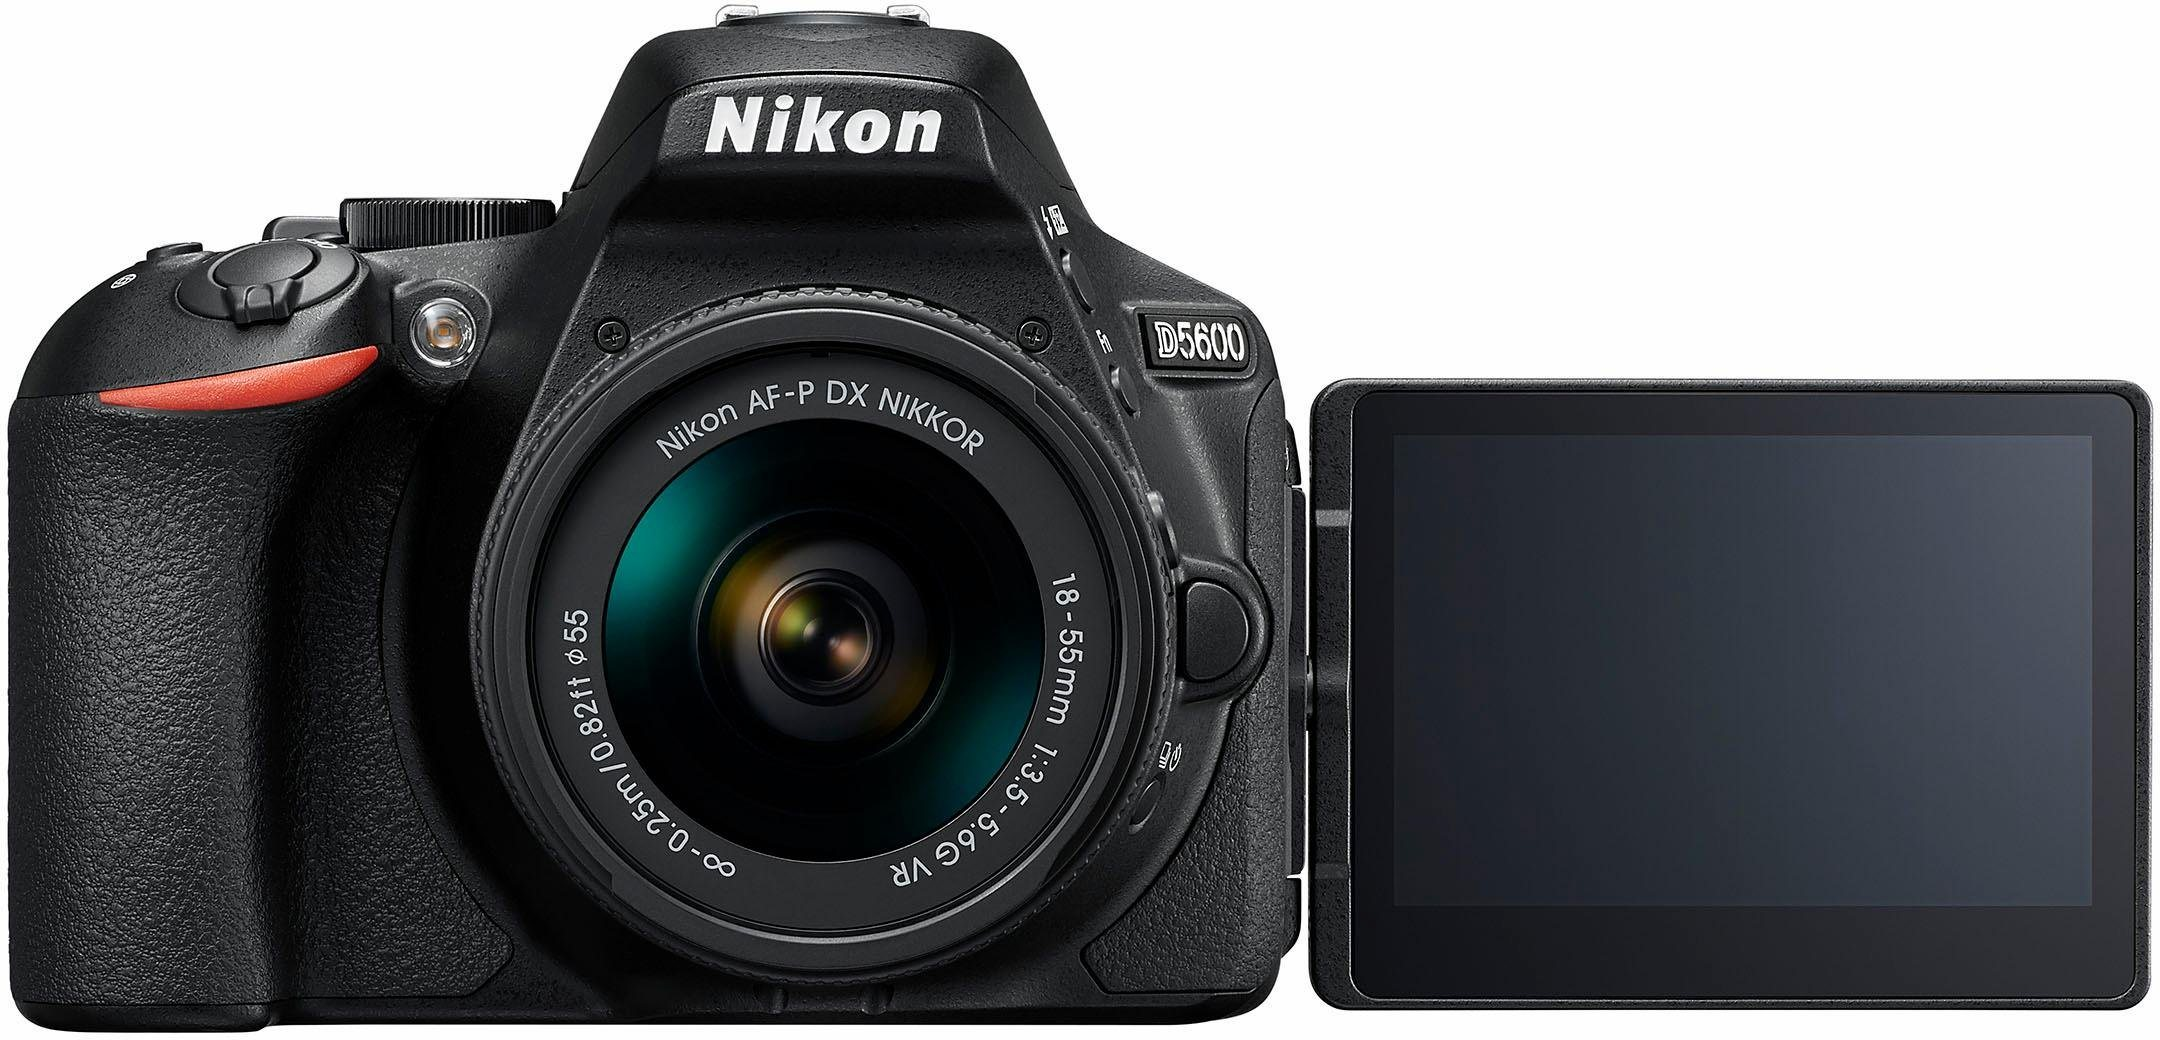 Alpha Tools Preisvergleich Die Besten Angebote Online Kaufen Nikon Af Micro Nikkor 60mam F 28d Lens D5600 Kit Spiegelreflexkamera P Dx 18 55 Vr 24